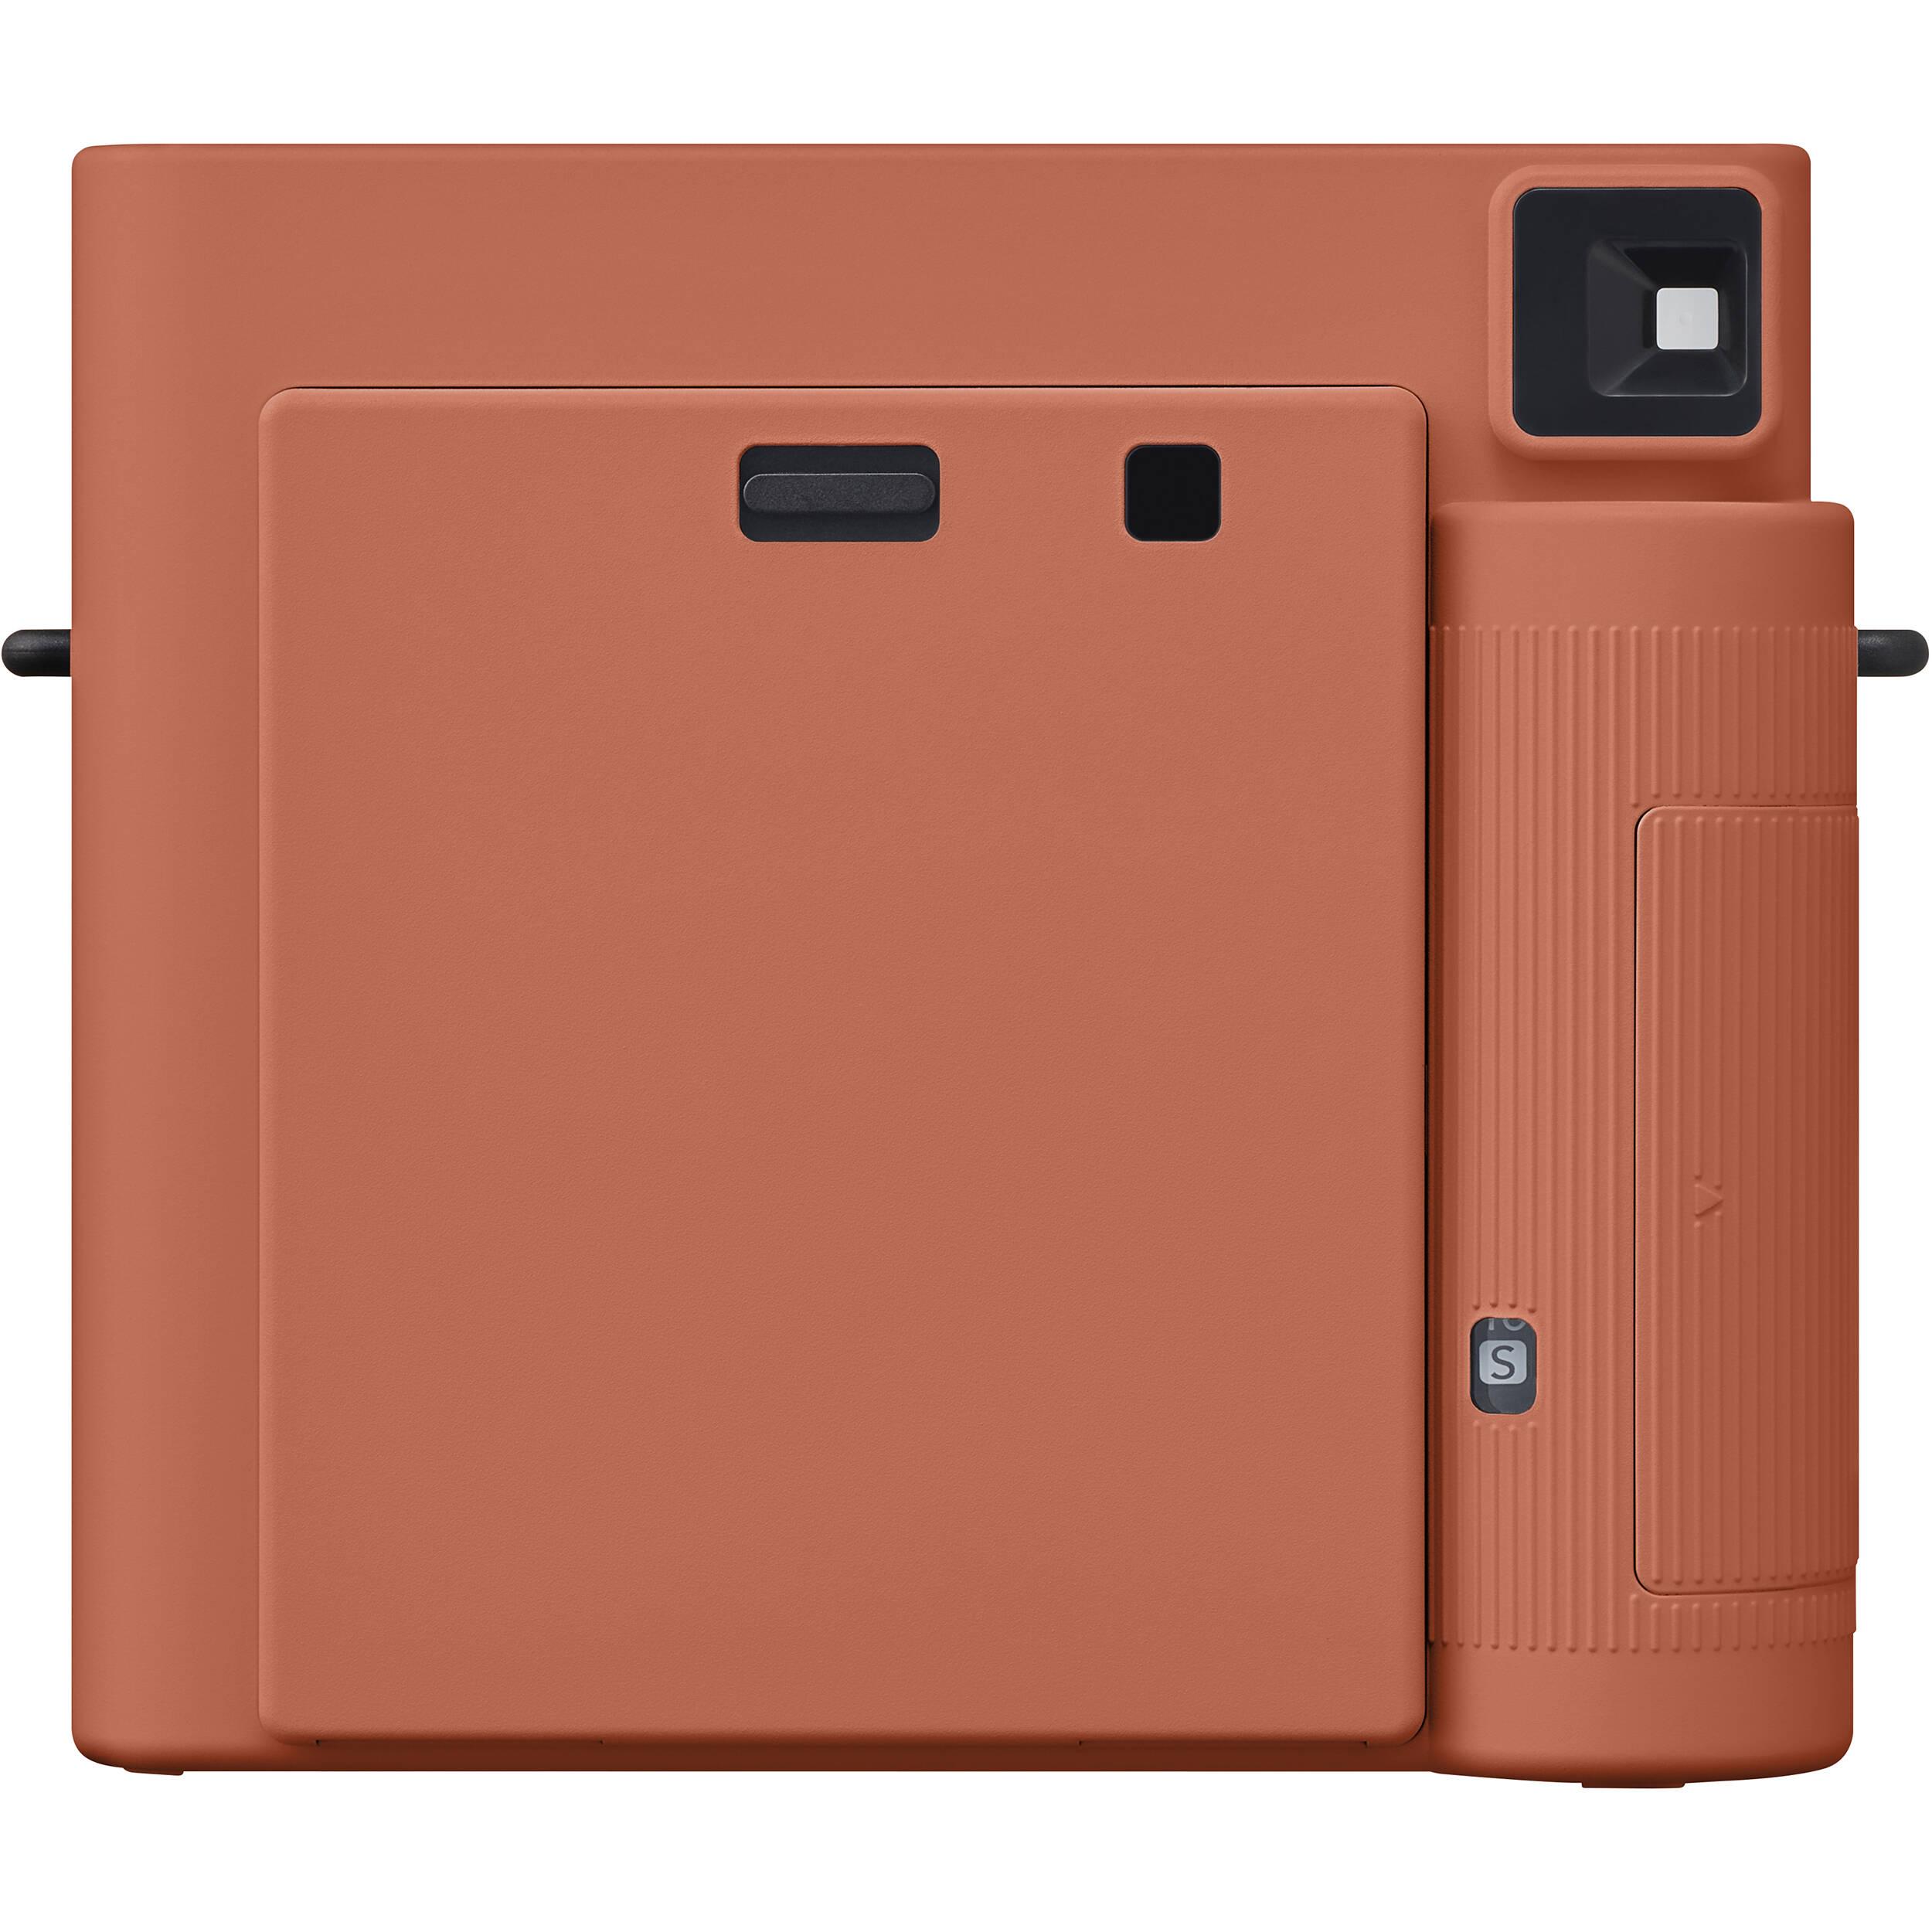 White 10 Exposures Fujifilm Instax Square SQ1 Instant Film Camera Terracotta Orange Bundle with Instax Square Film